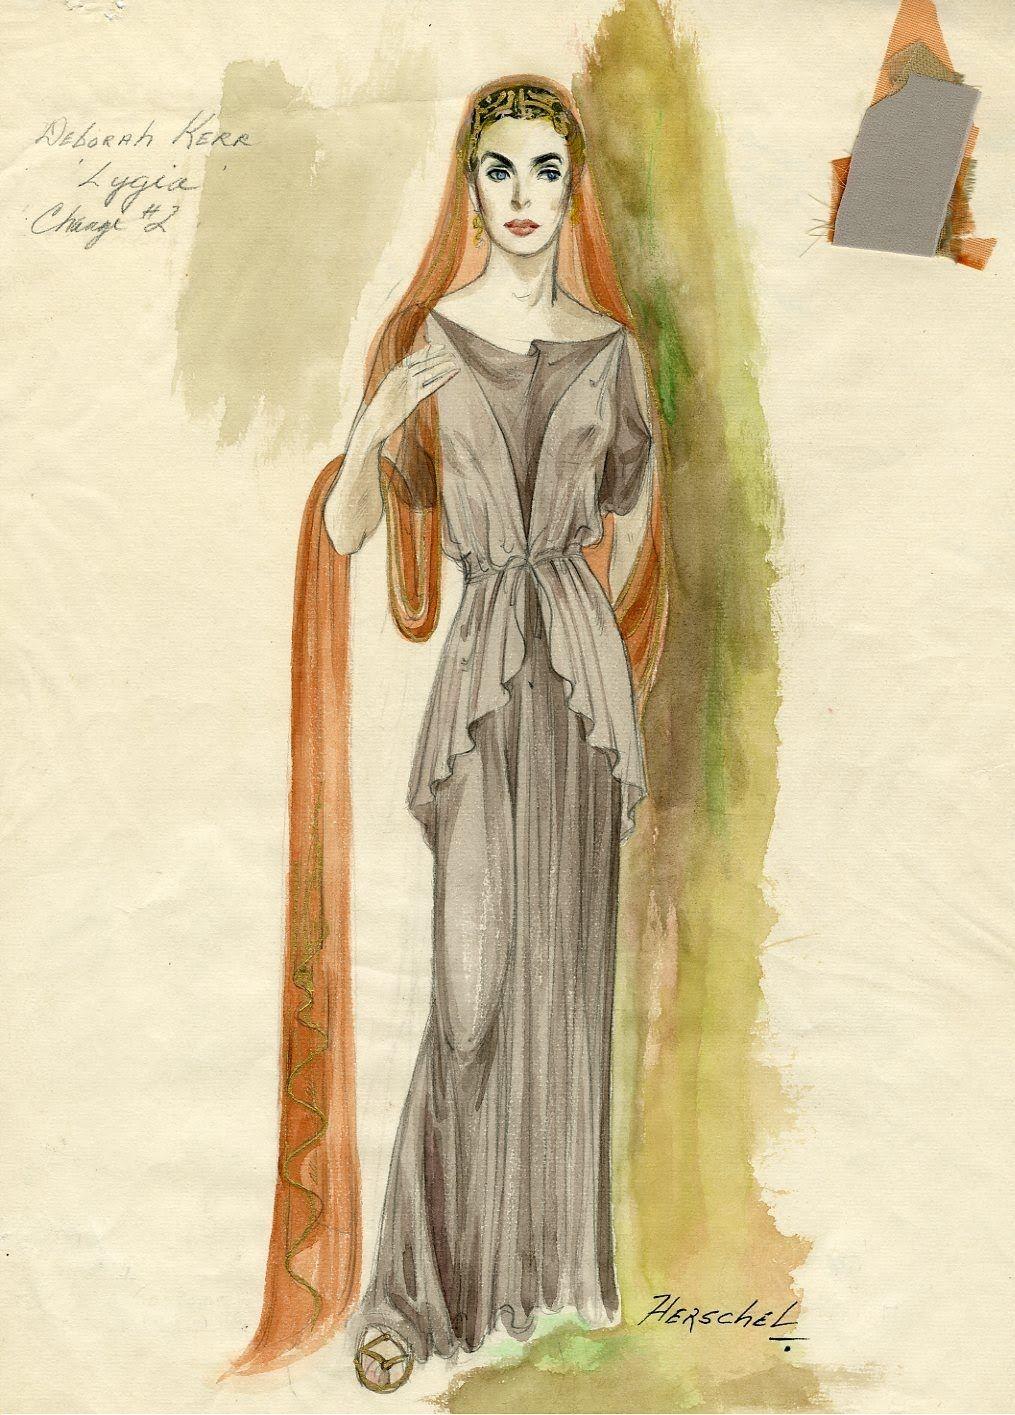 This costume design sketch by Herschel (Herschel McCoy) is for Deborah Kerr as Lygia in Quo Vadis from 1951